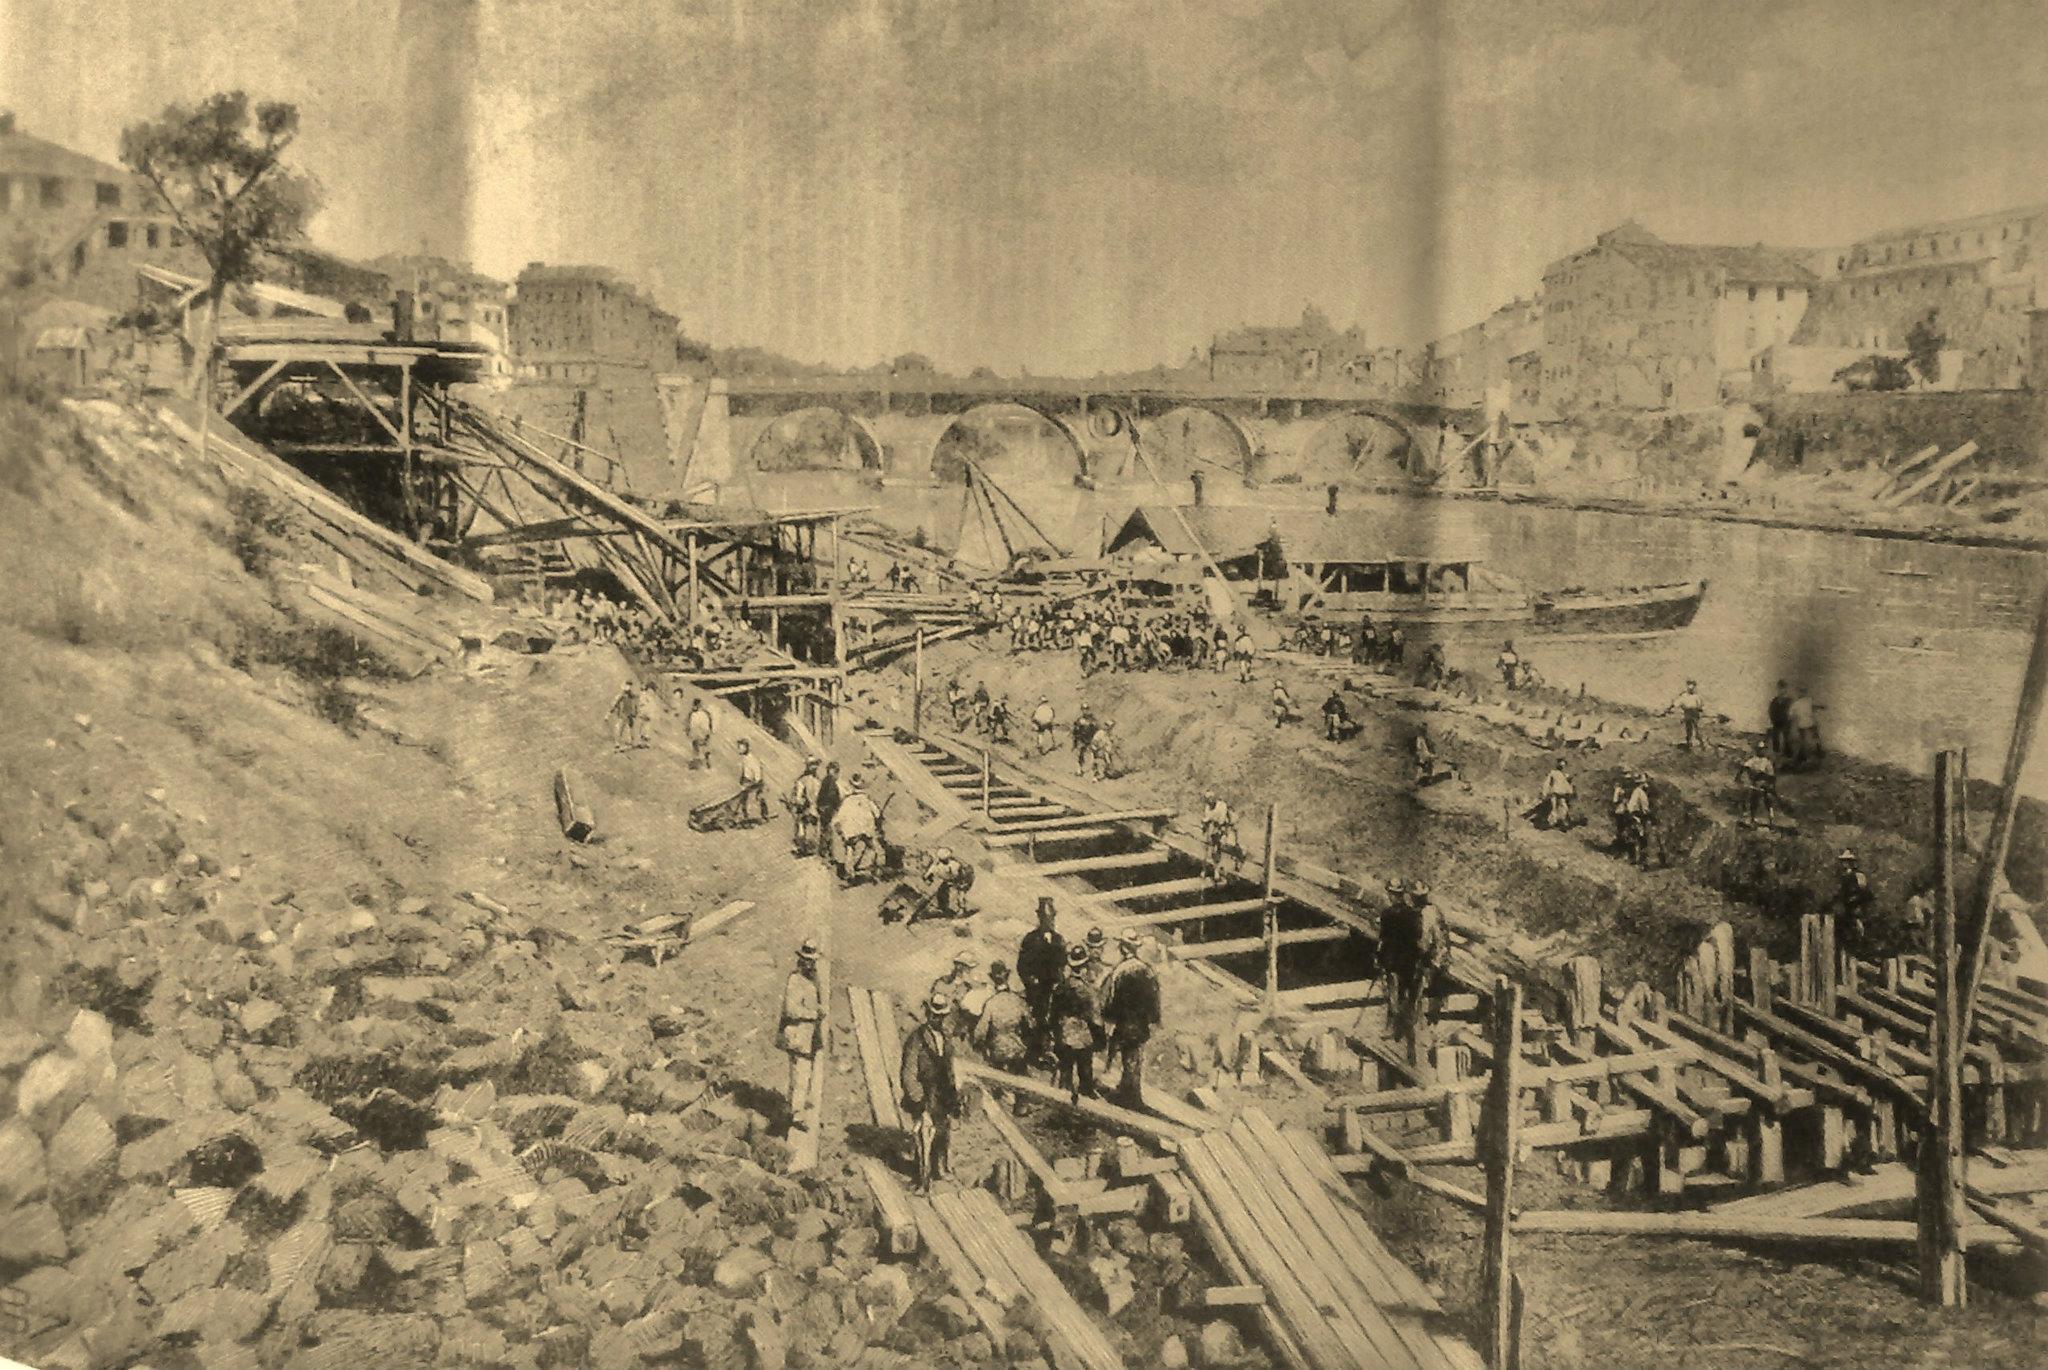 1883 inizio lavori di sterro e muragliamento a ponte sisto